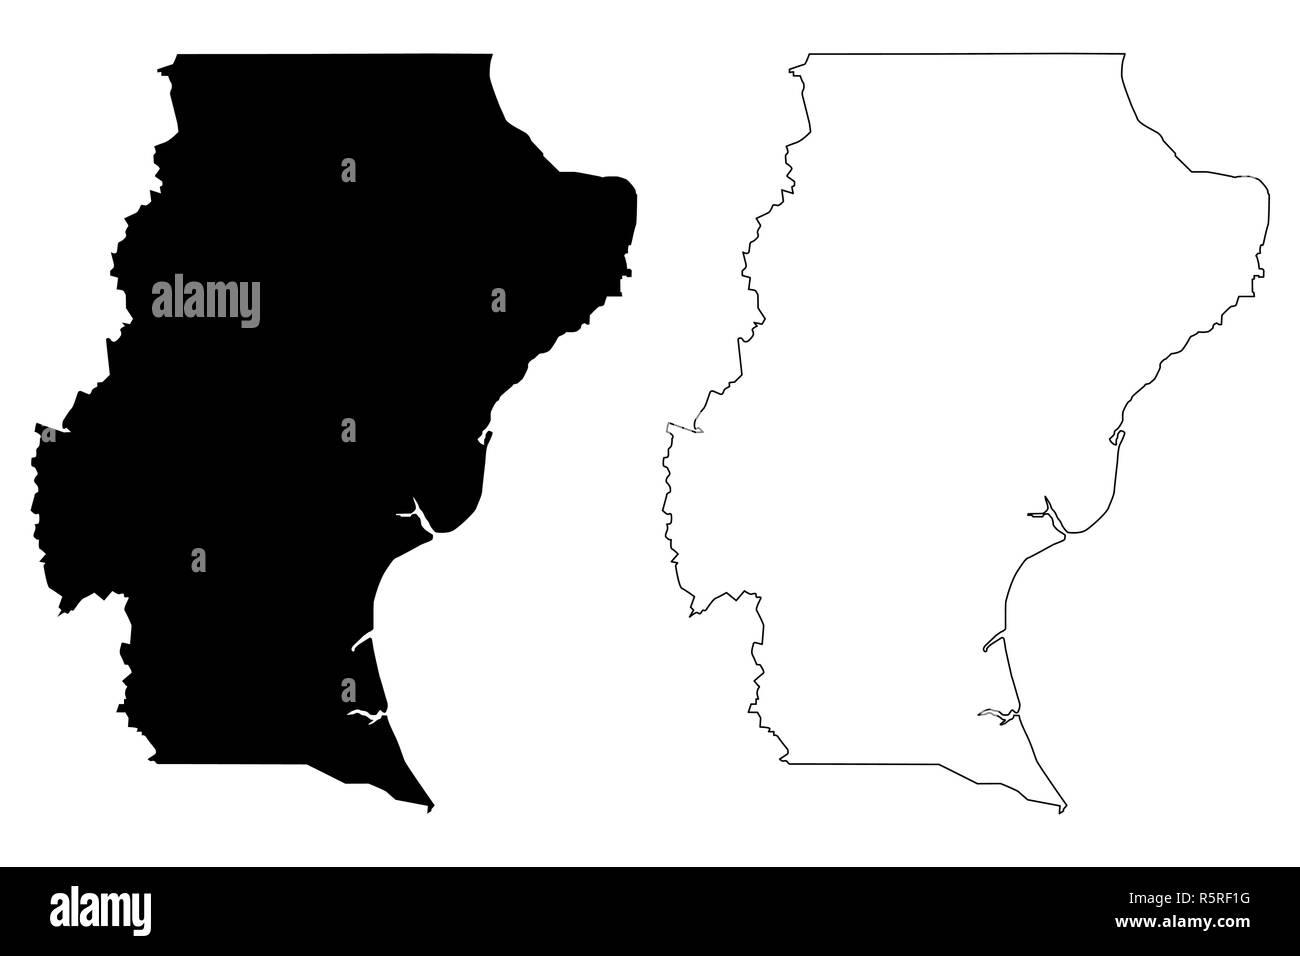 Santa Cruz Region De La Argentina La Republica Argentina En Las Provincias De Argentina Mapa Ilustracion Vectorial Dibujo A Mano Alzada De La Provincia De Santa Cruz Mapa Imagen Vector De Stock